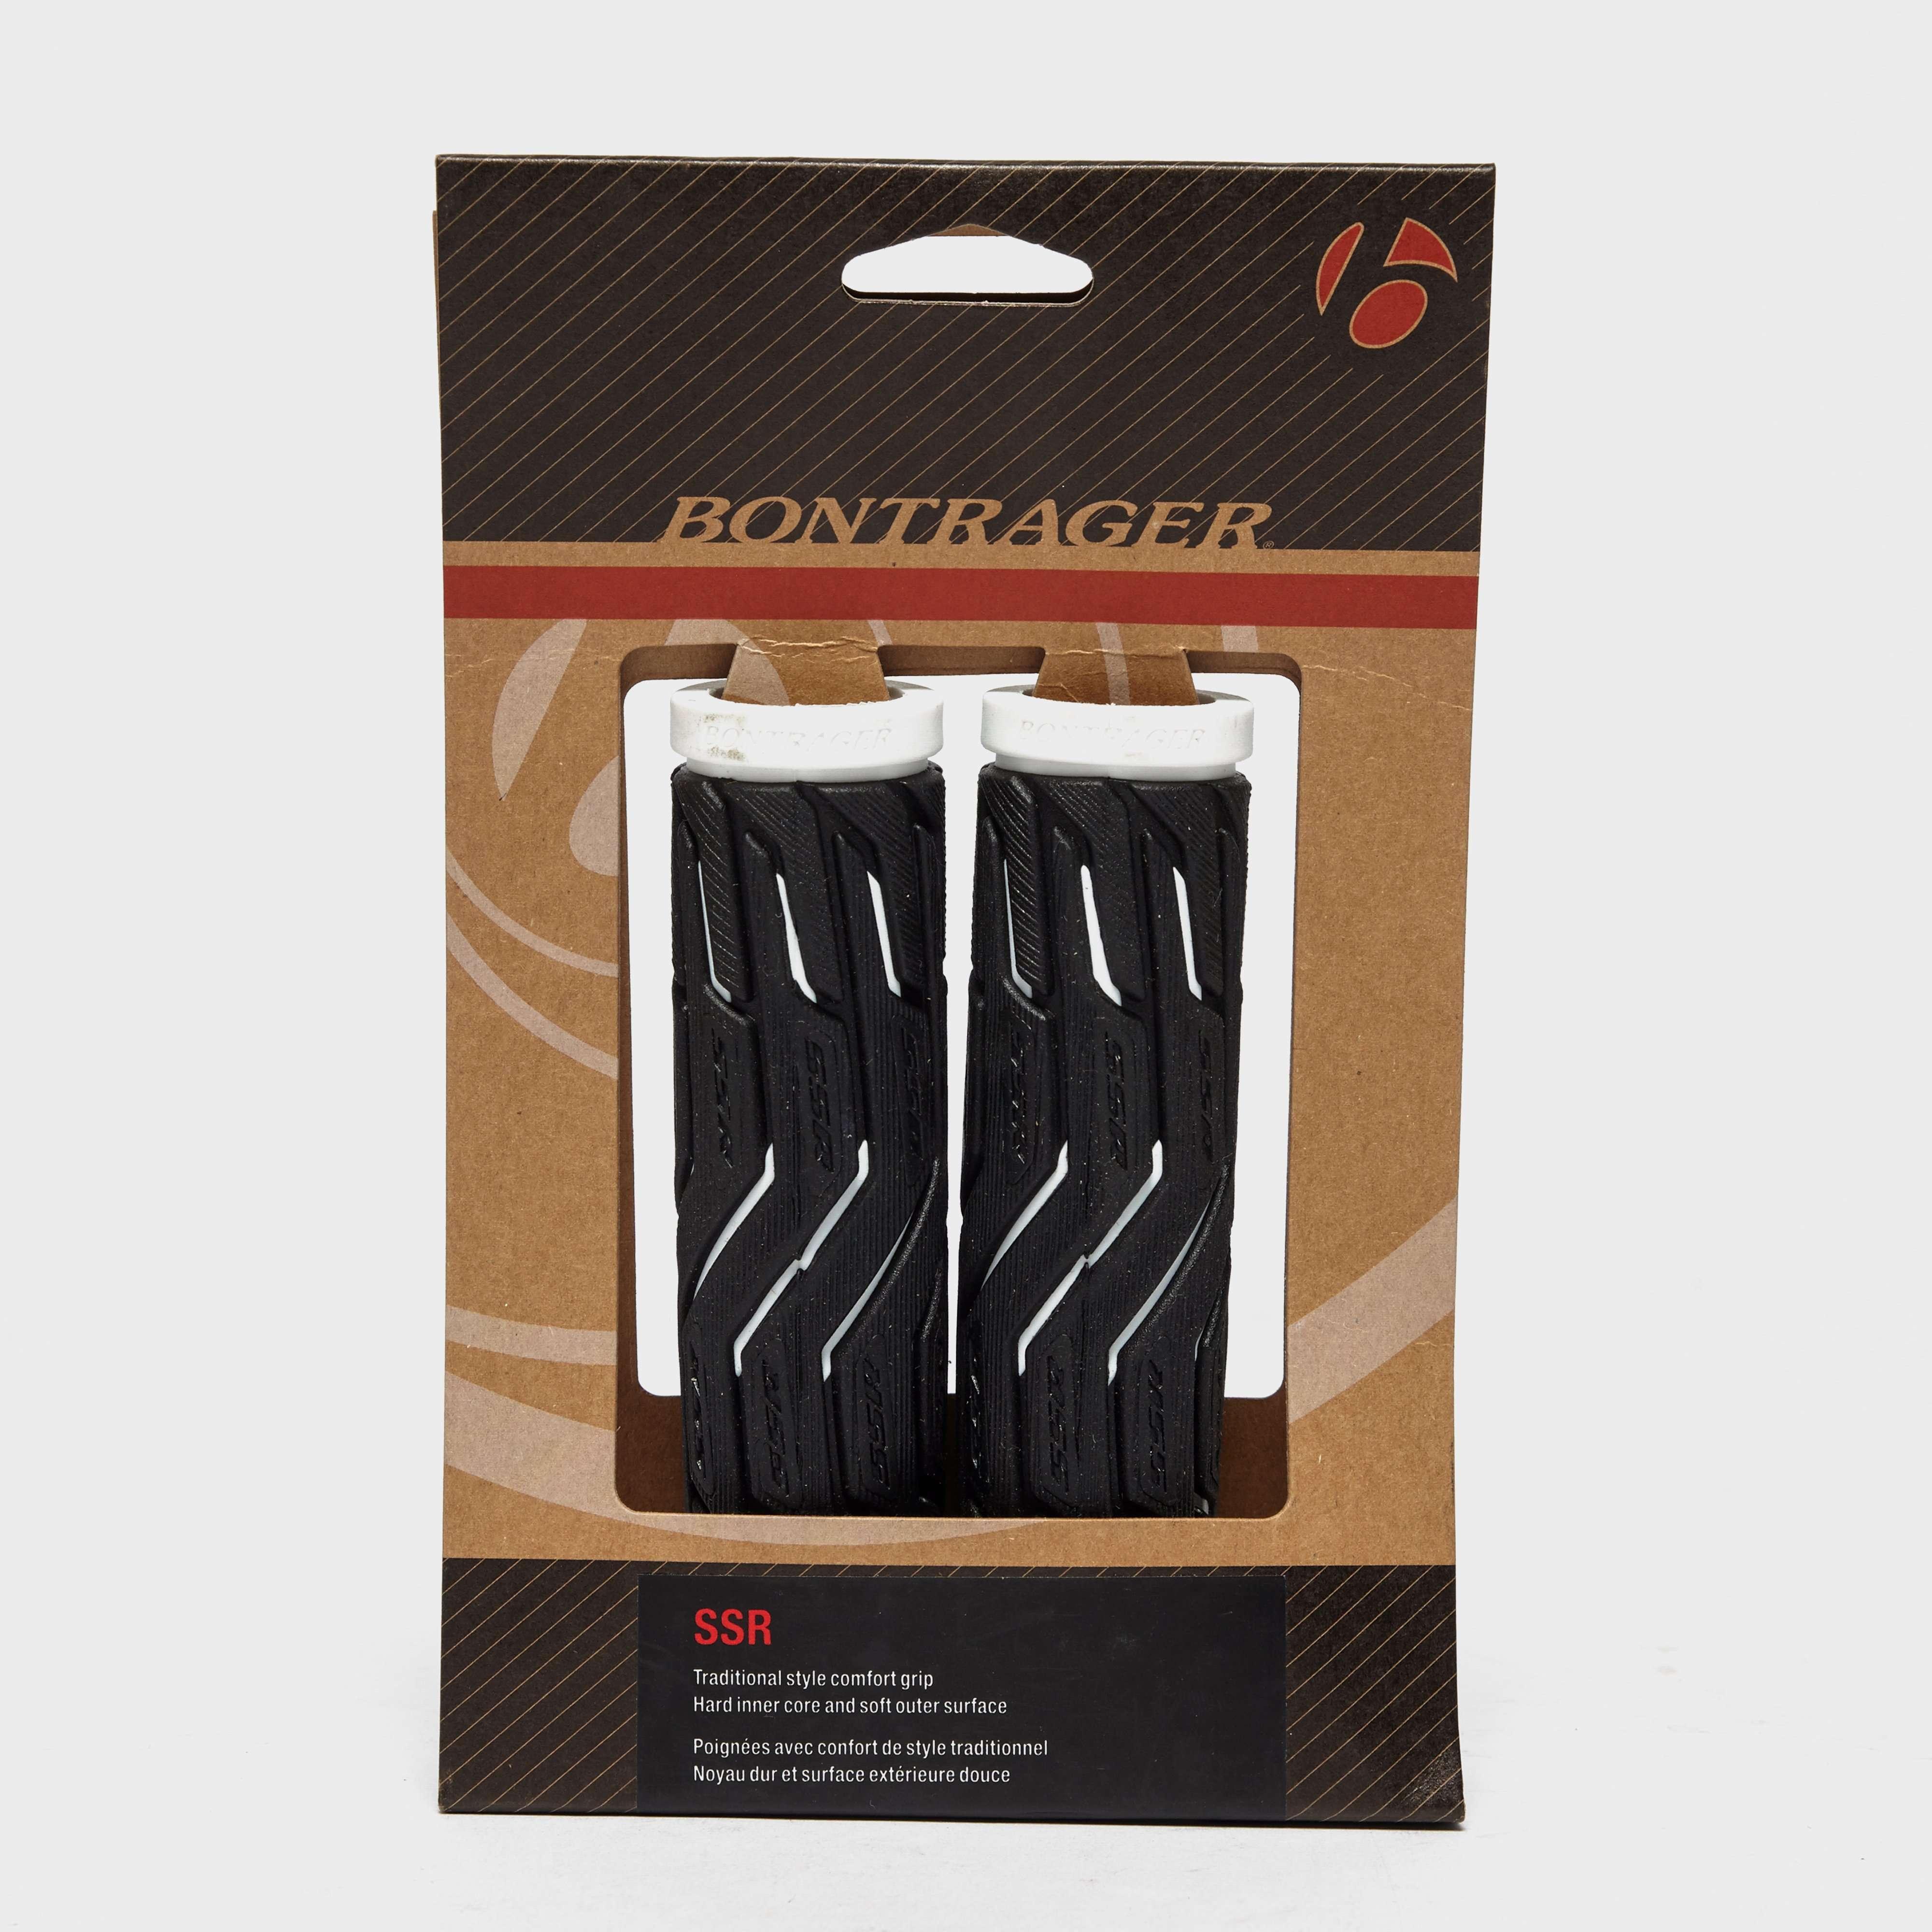 BONTRAGER SSR Grips 130mm